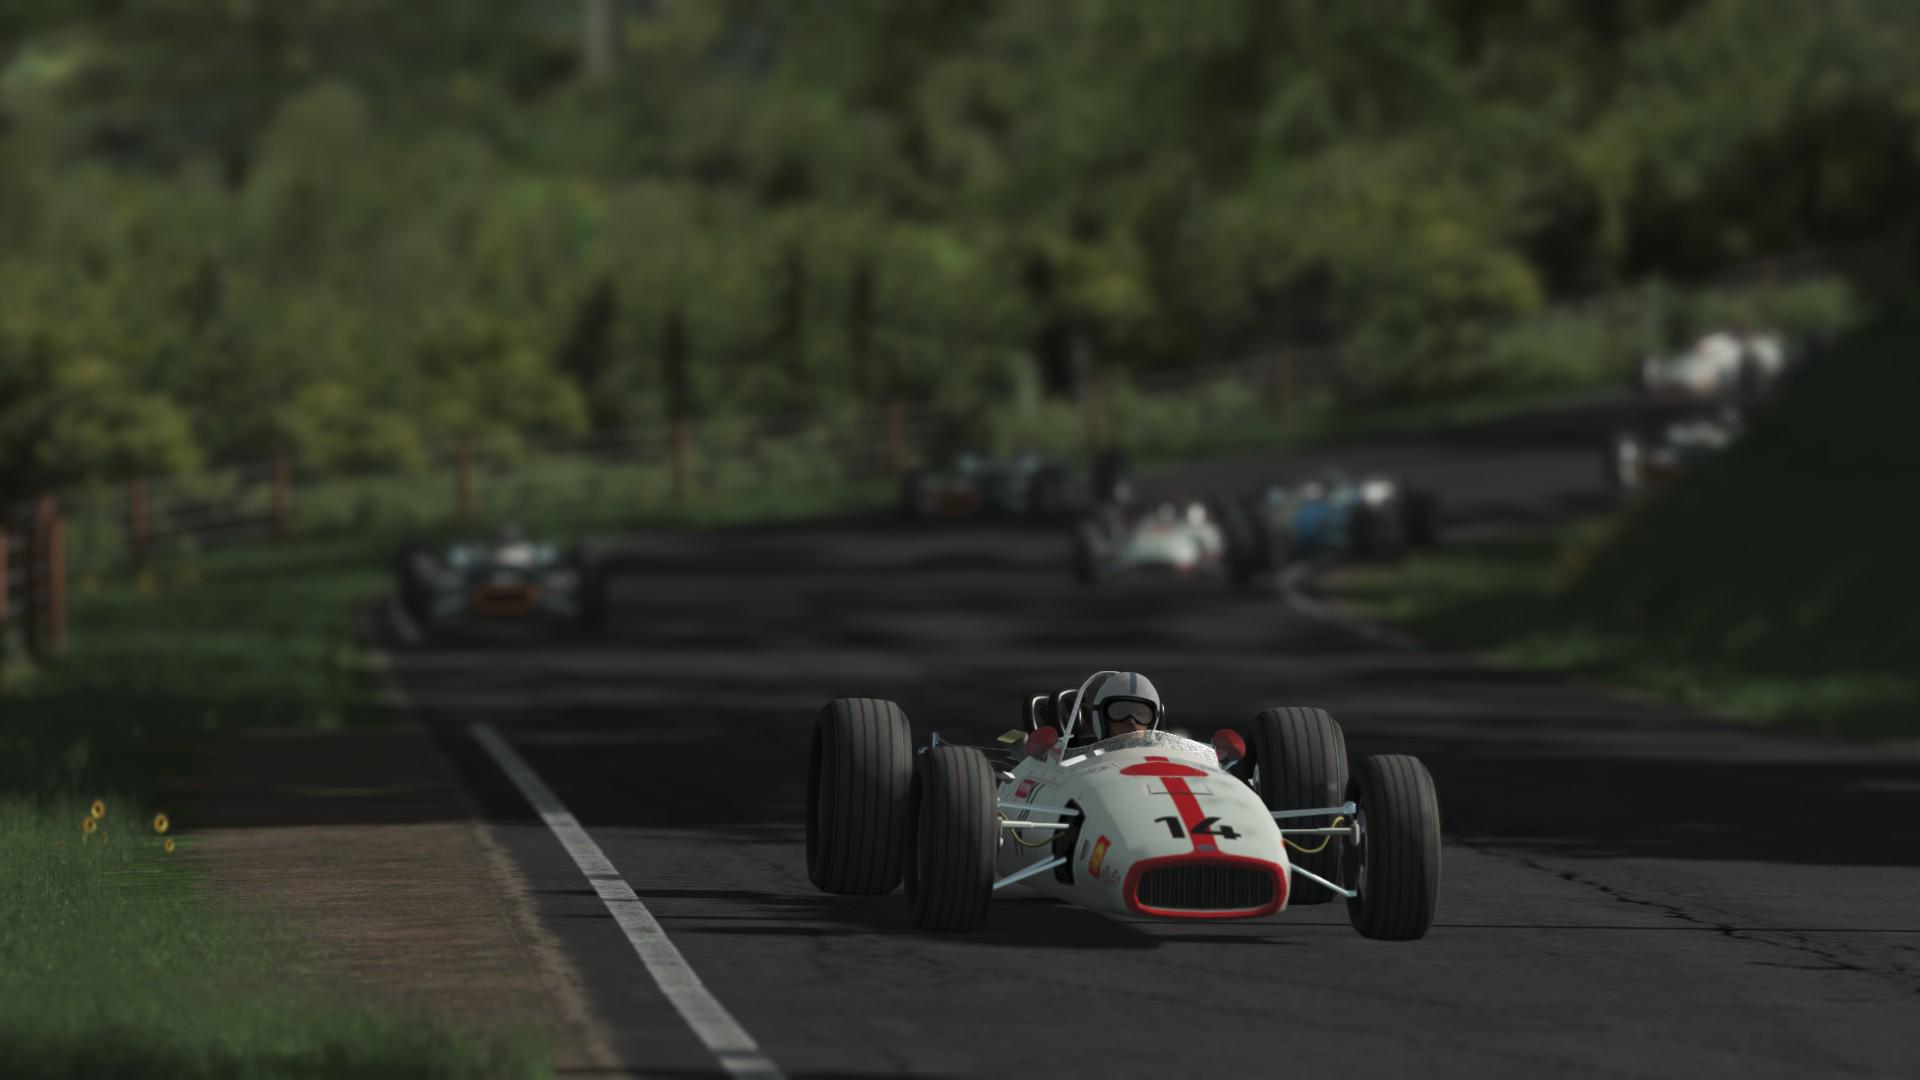 F3 Classic Sergio Loro rF2 _10.png